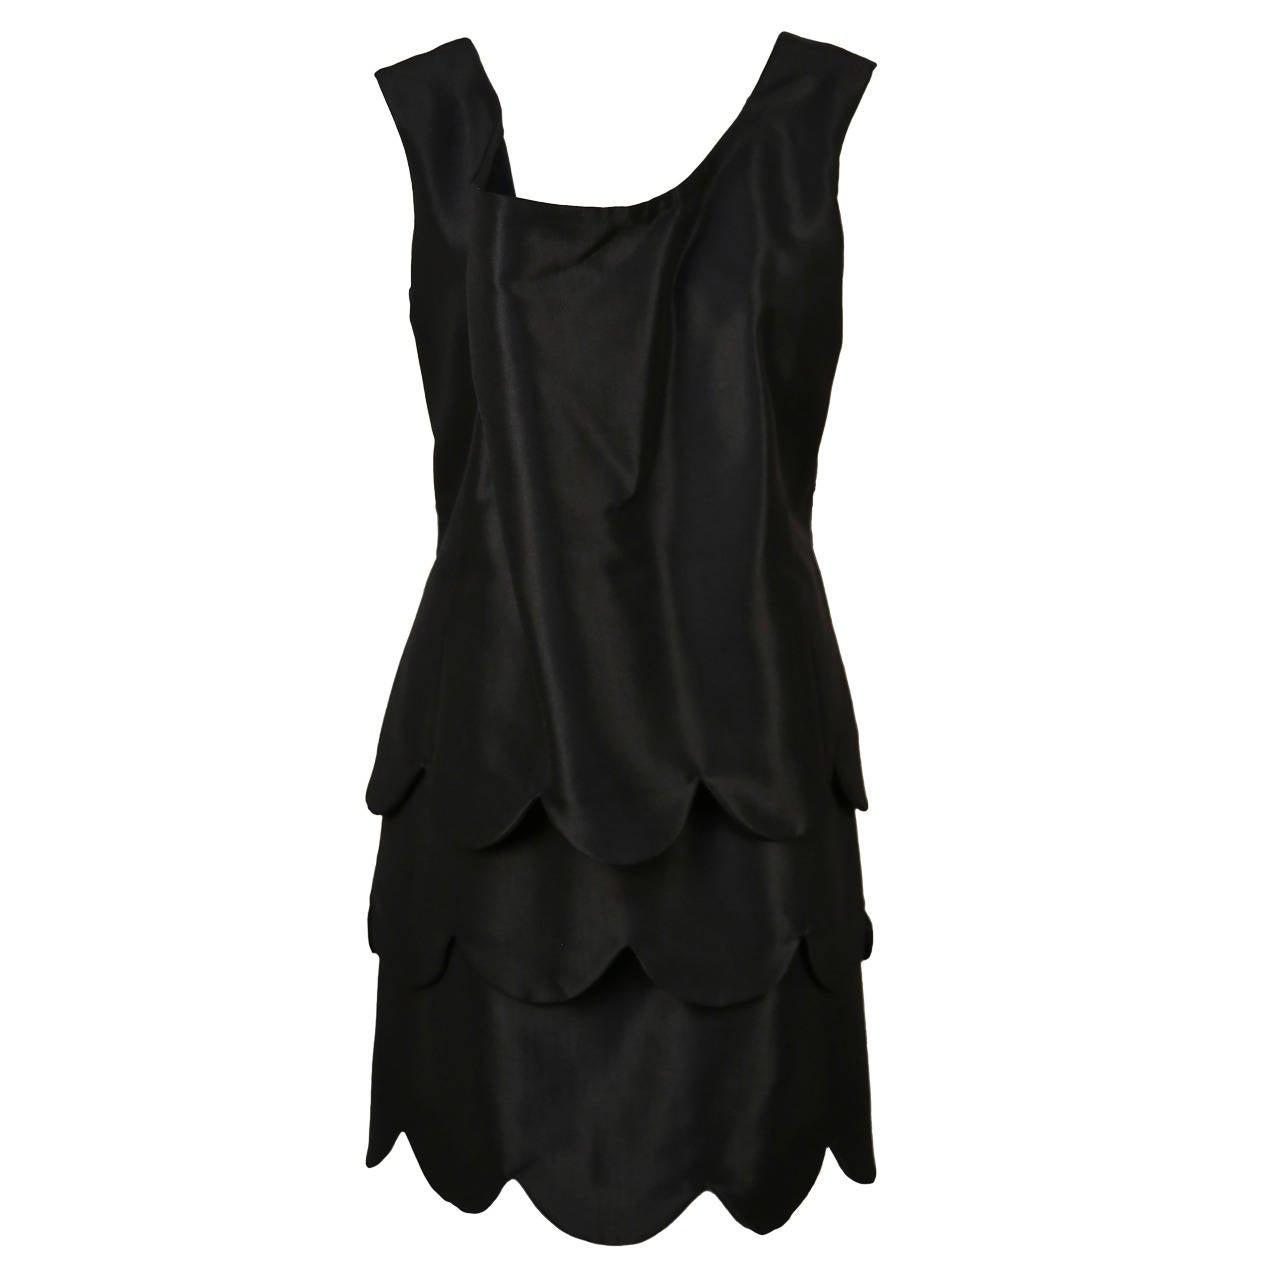 """Comme des Garcons """"pétales de fleurs"""" black layered runway dress, 1995"""